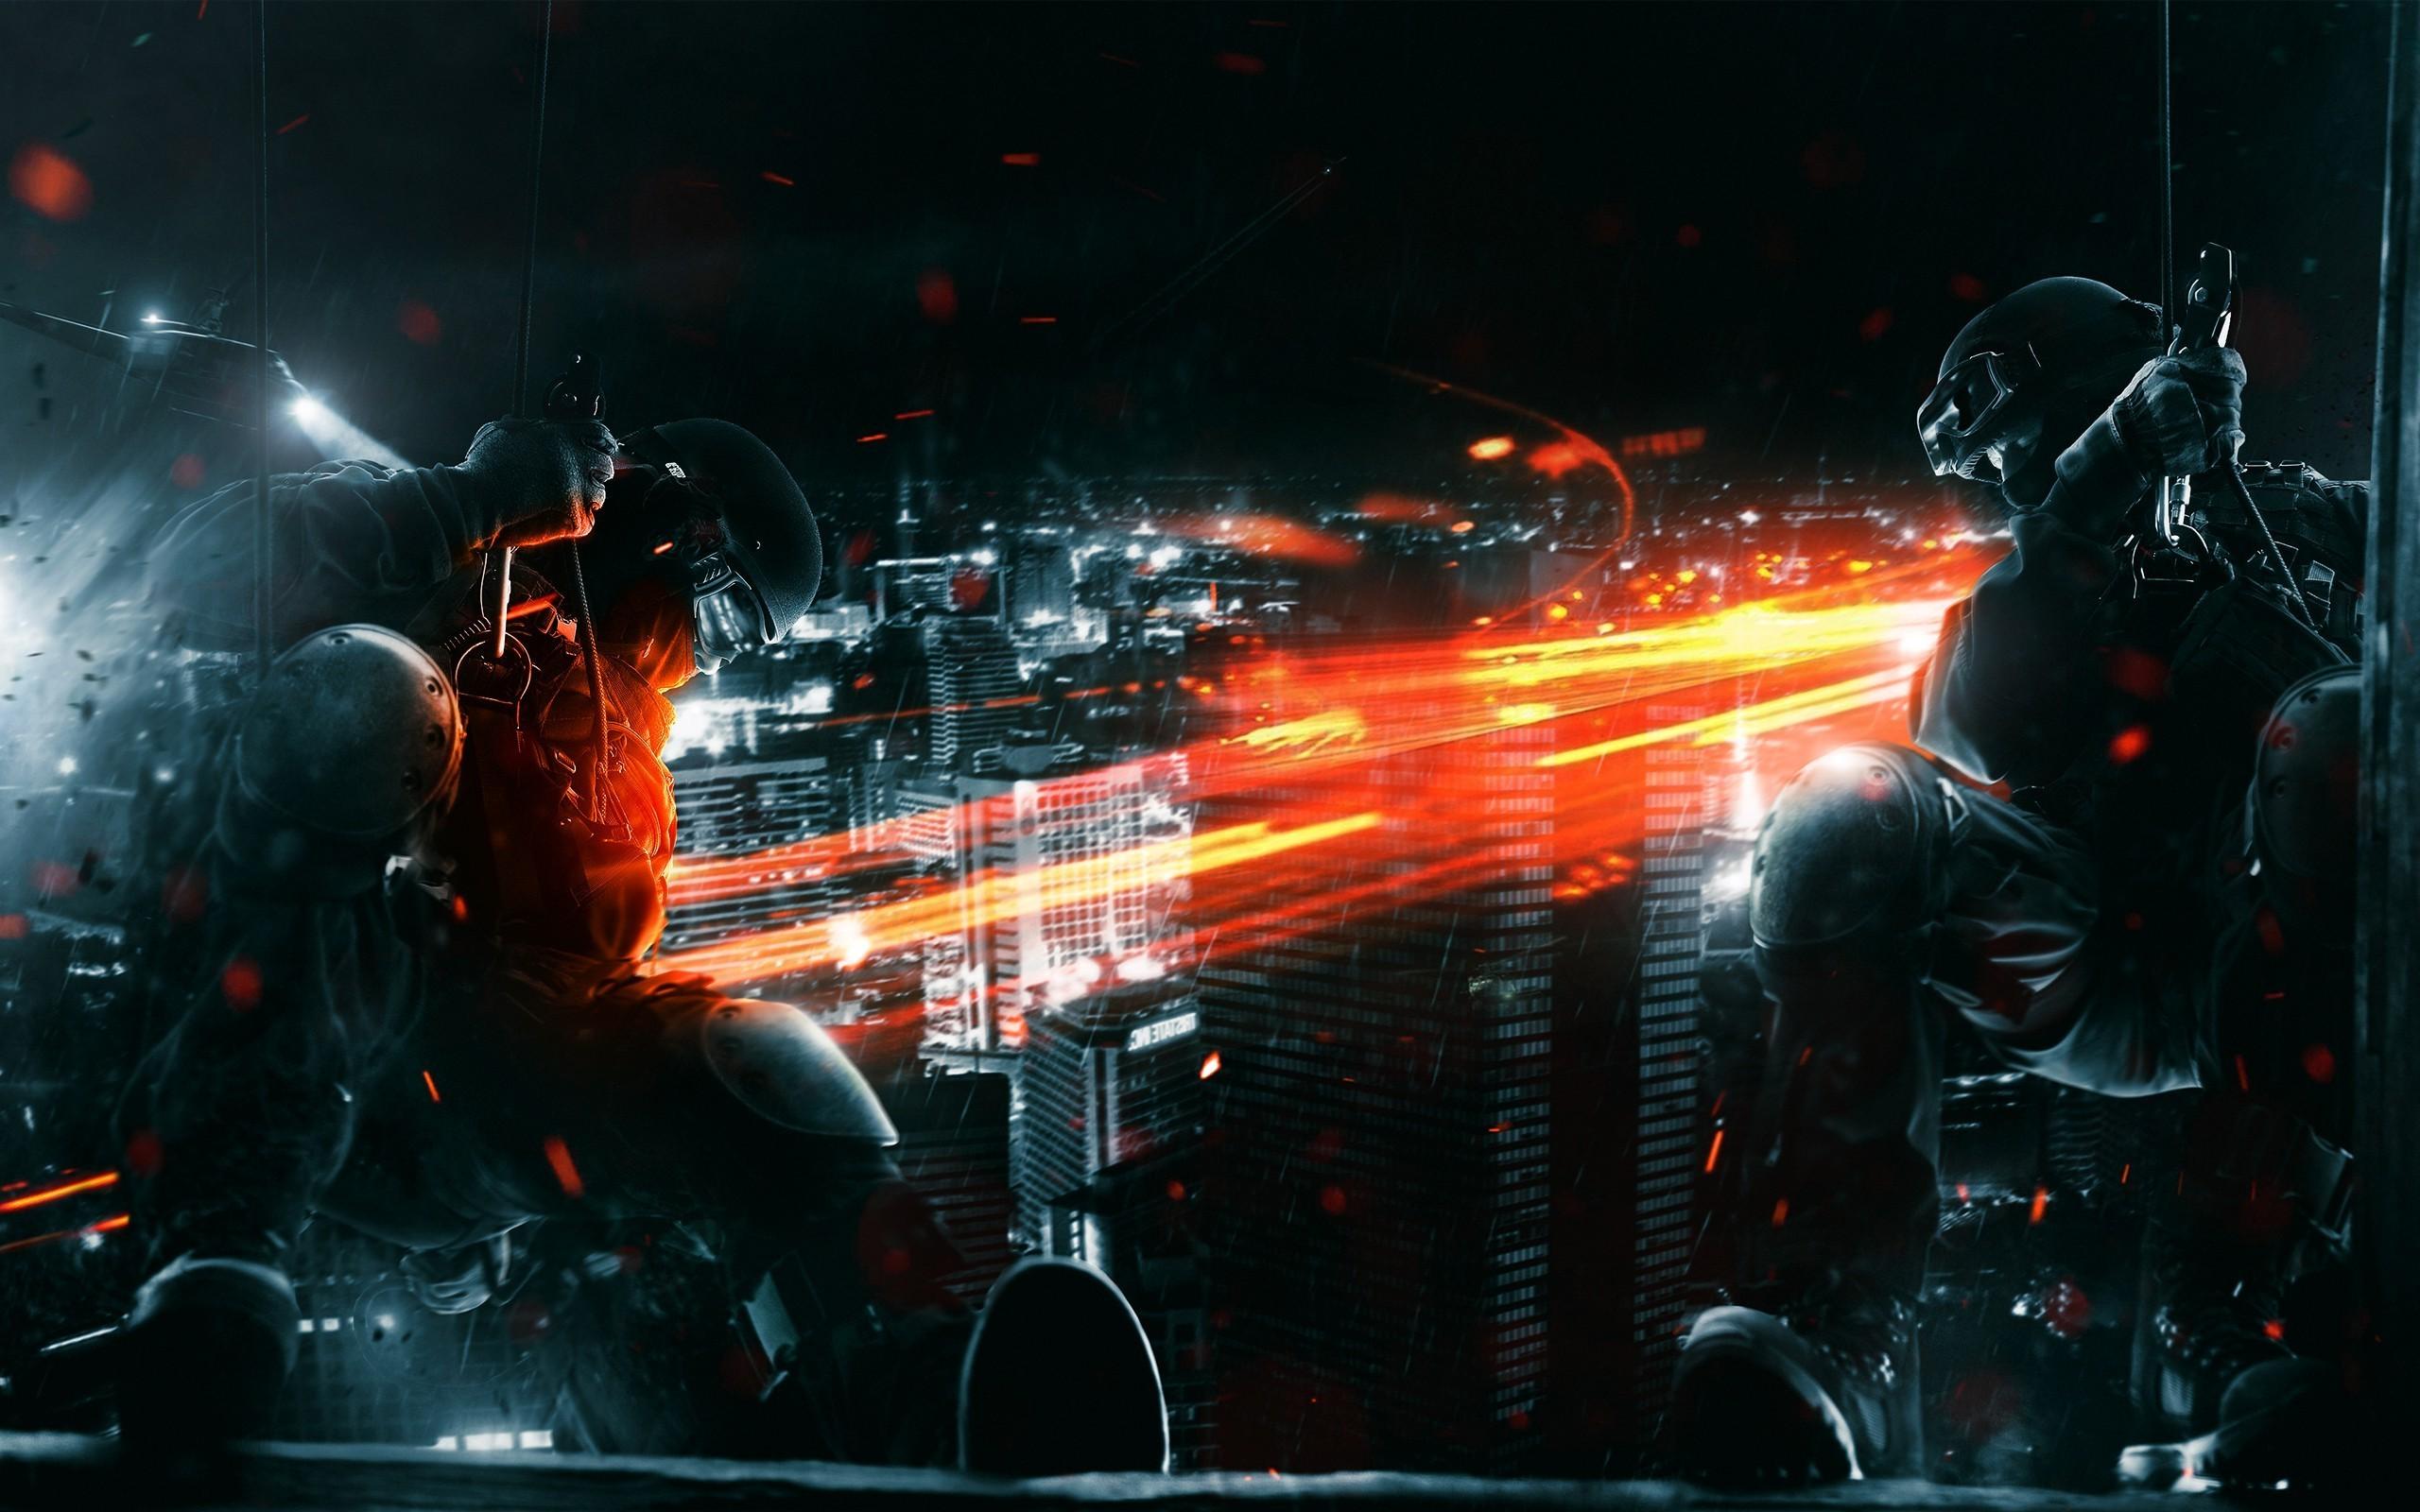 Battlefield 3 wallpaper   1024097 2560x1600